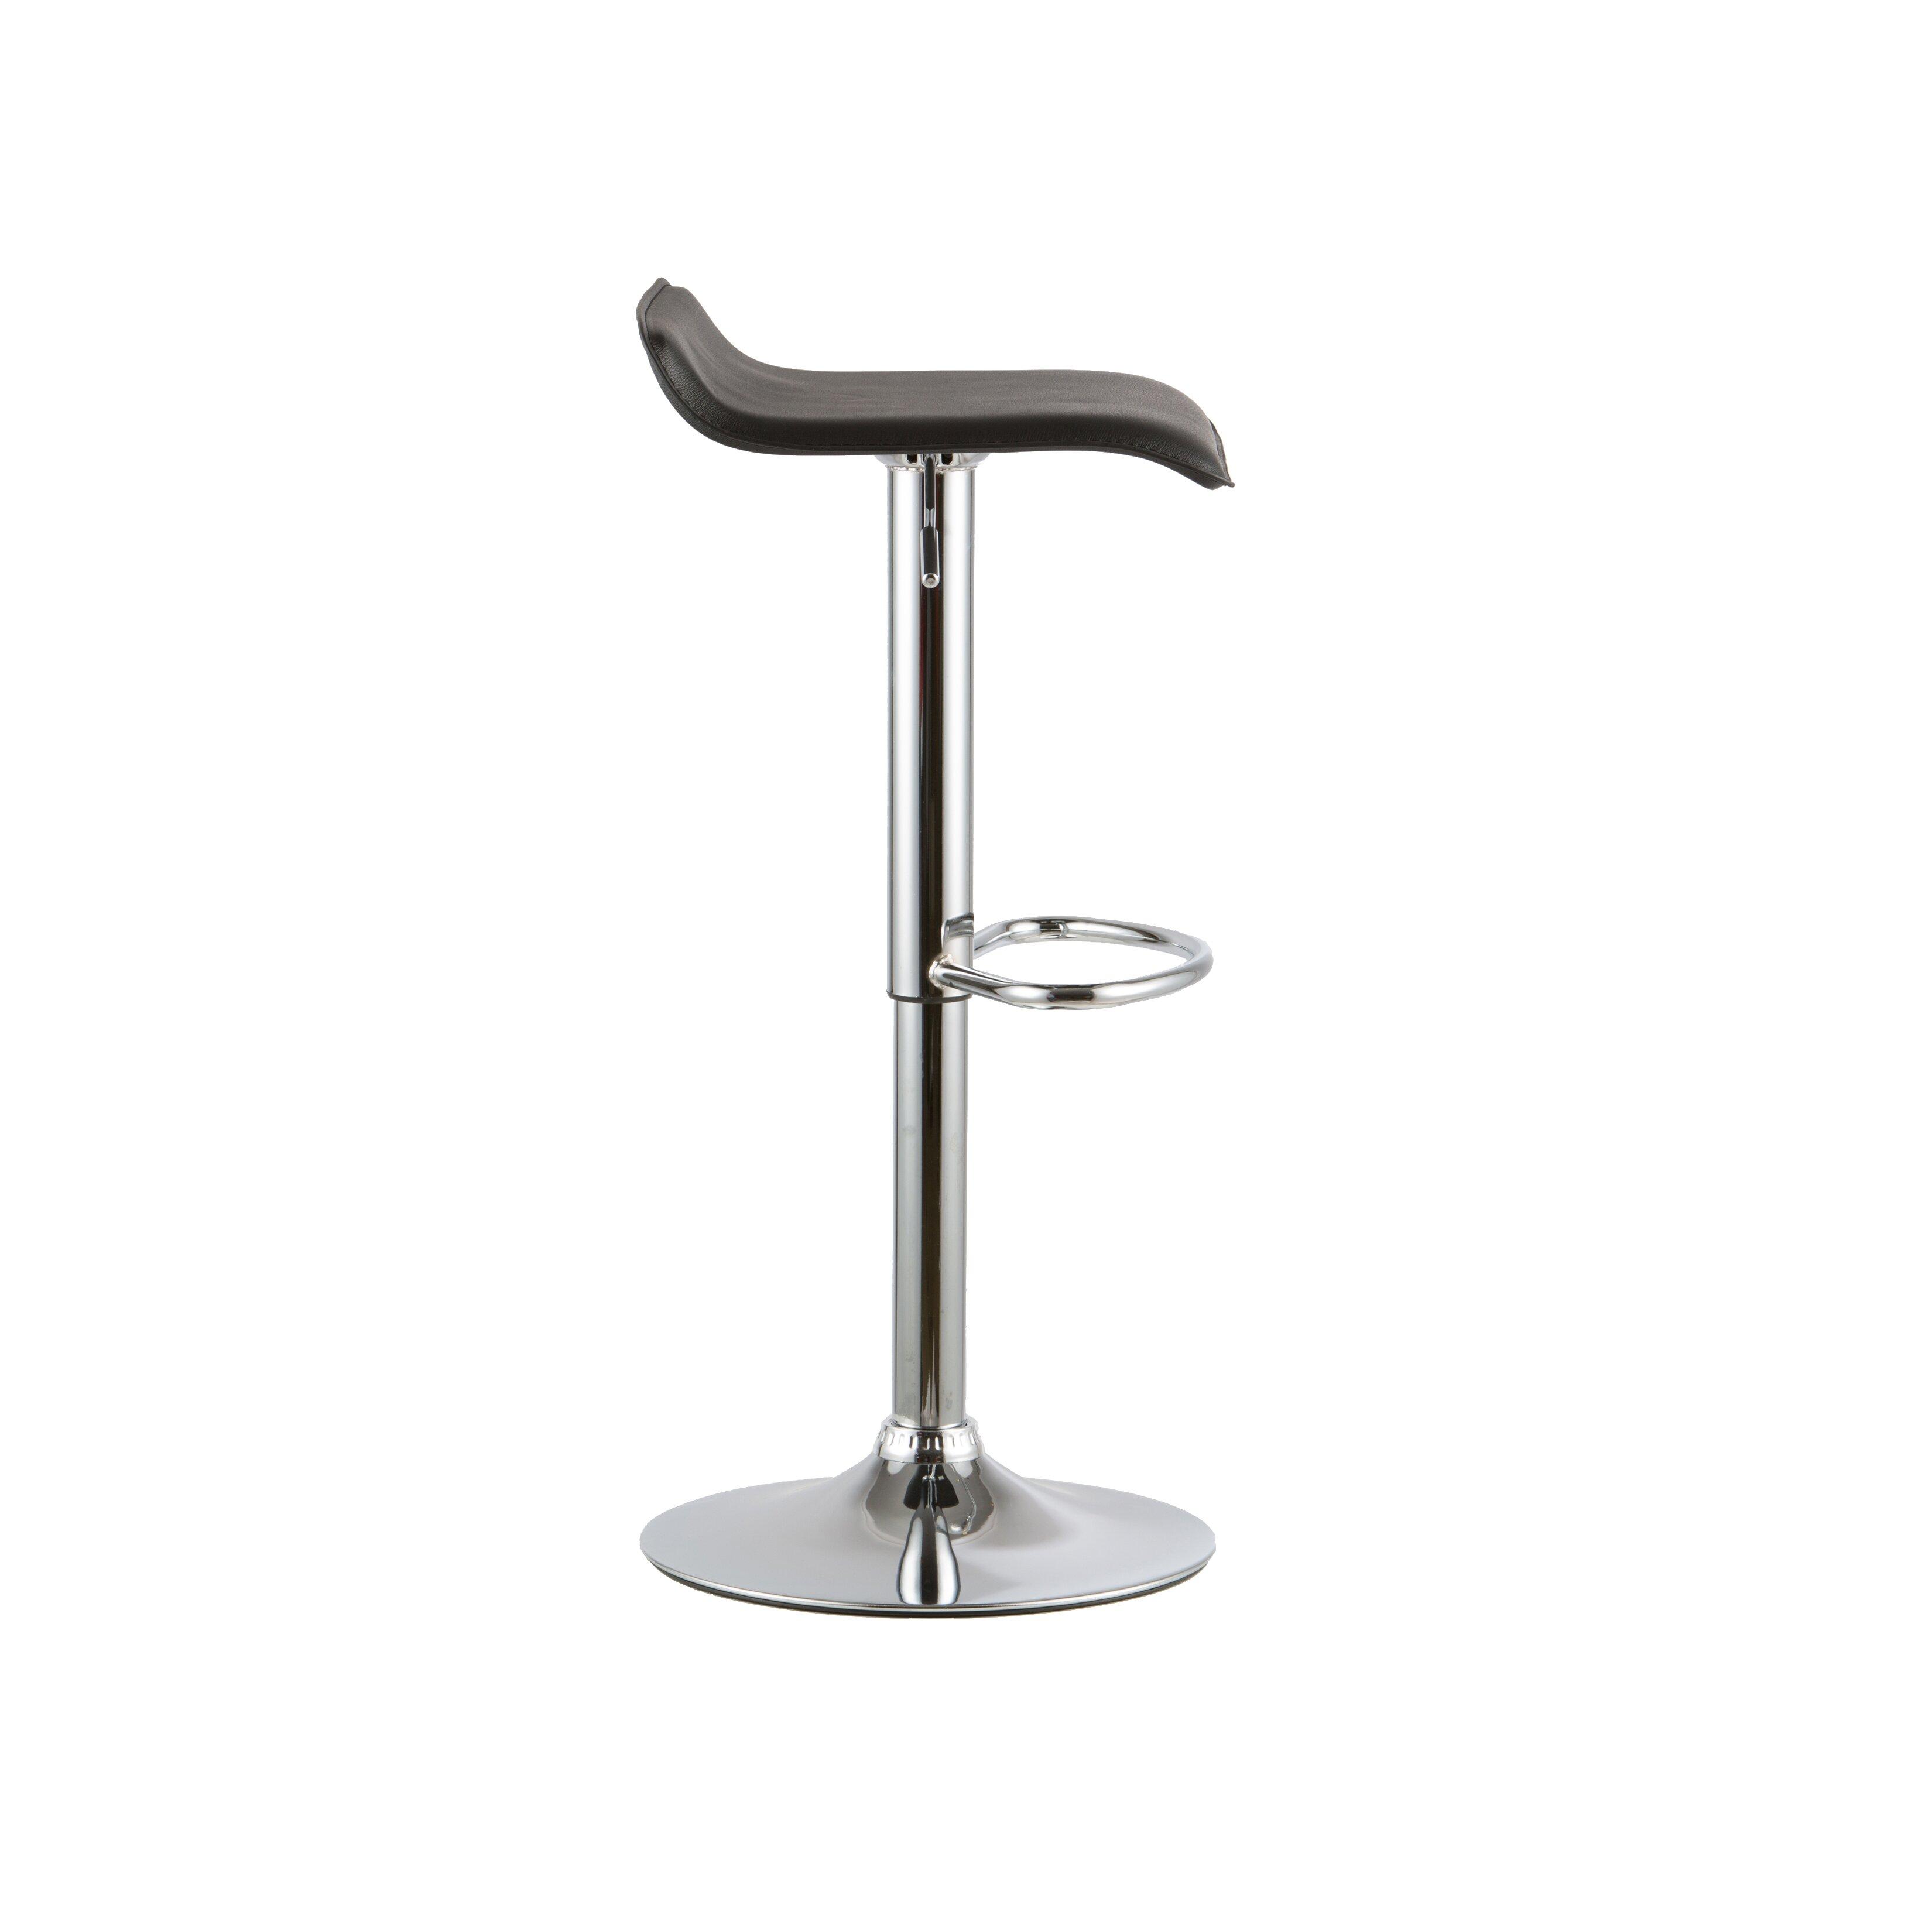 30 beautiful bar and stool set